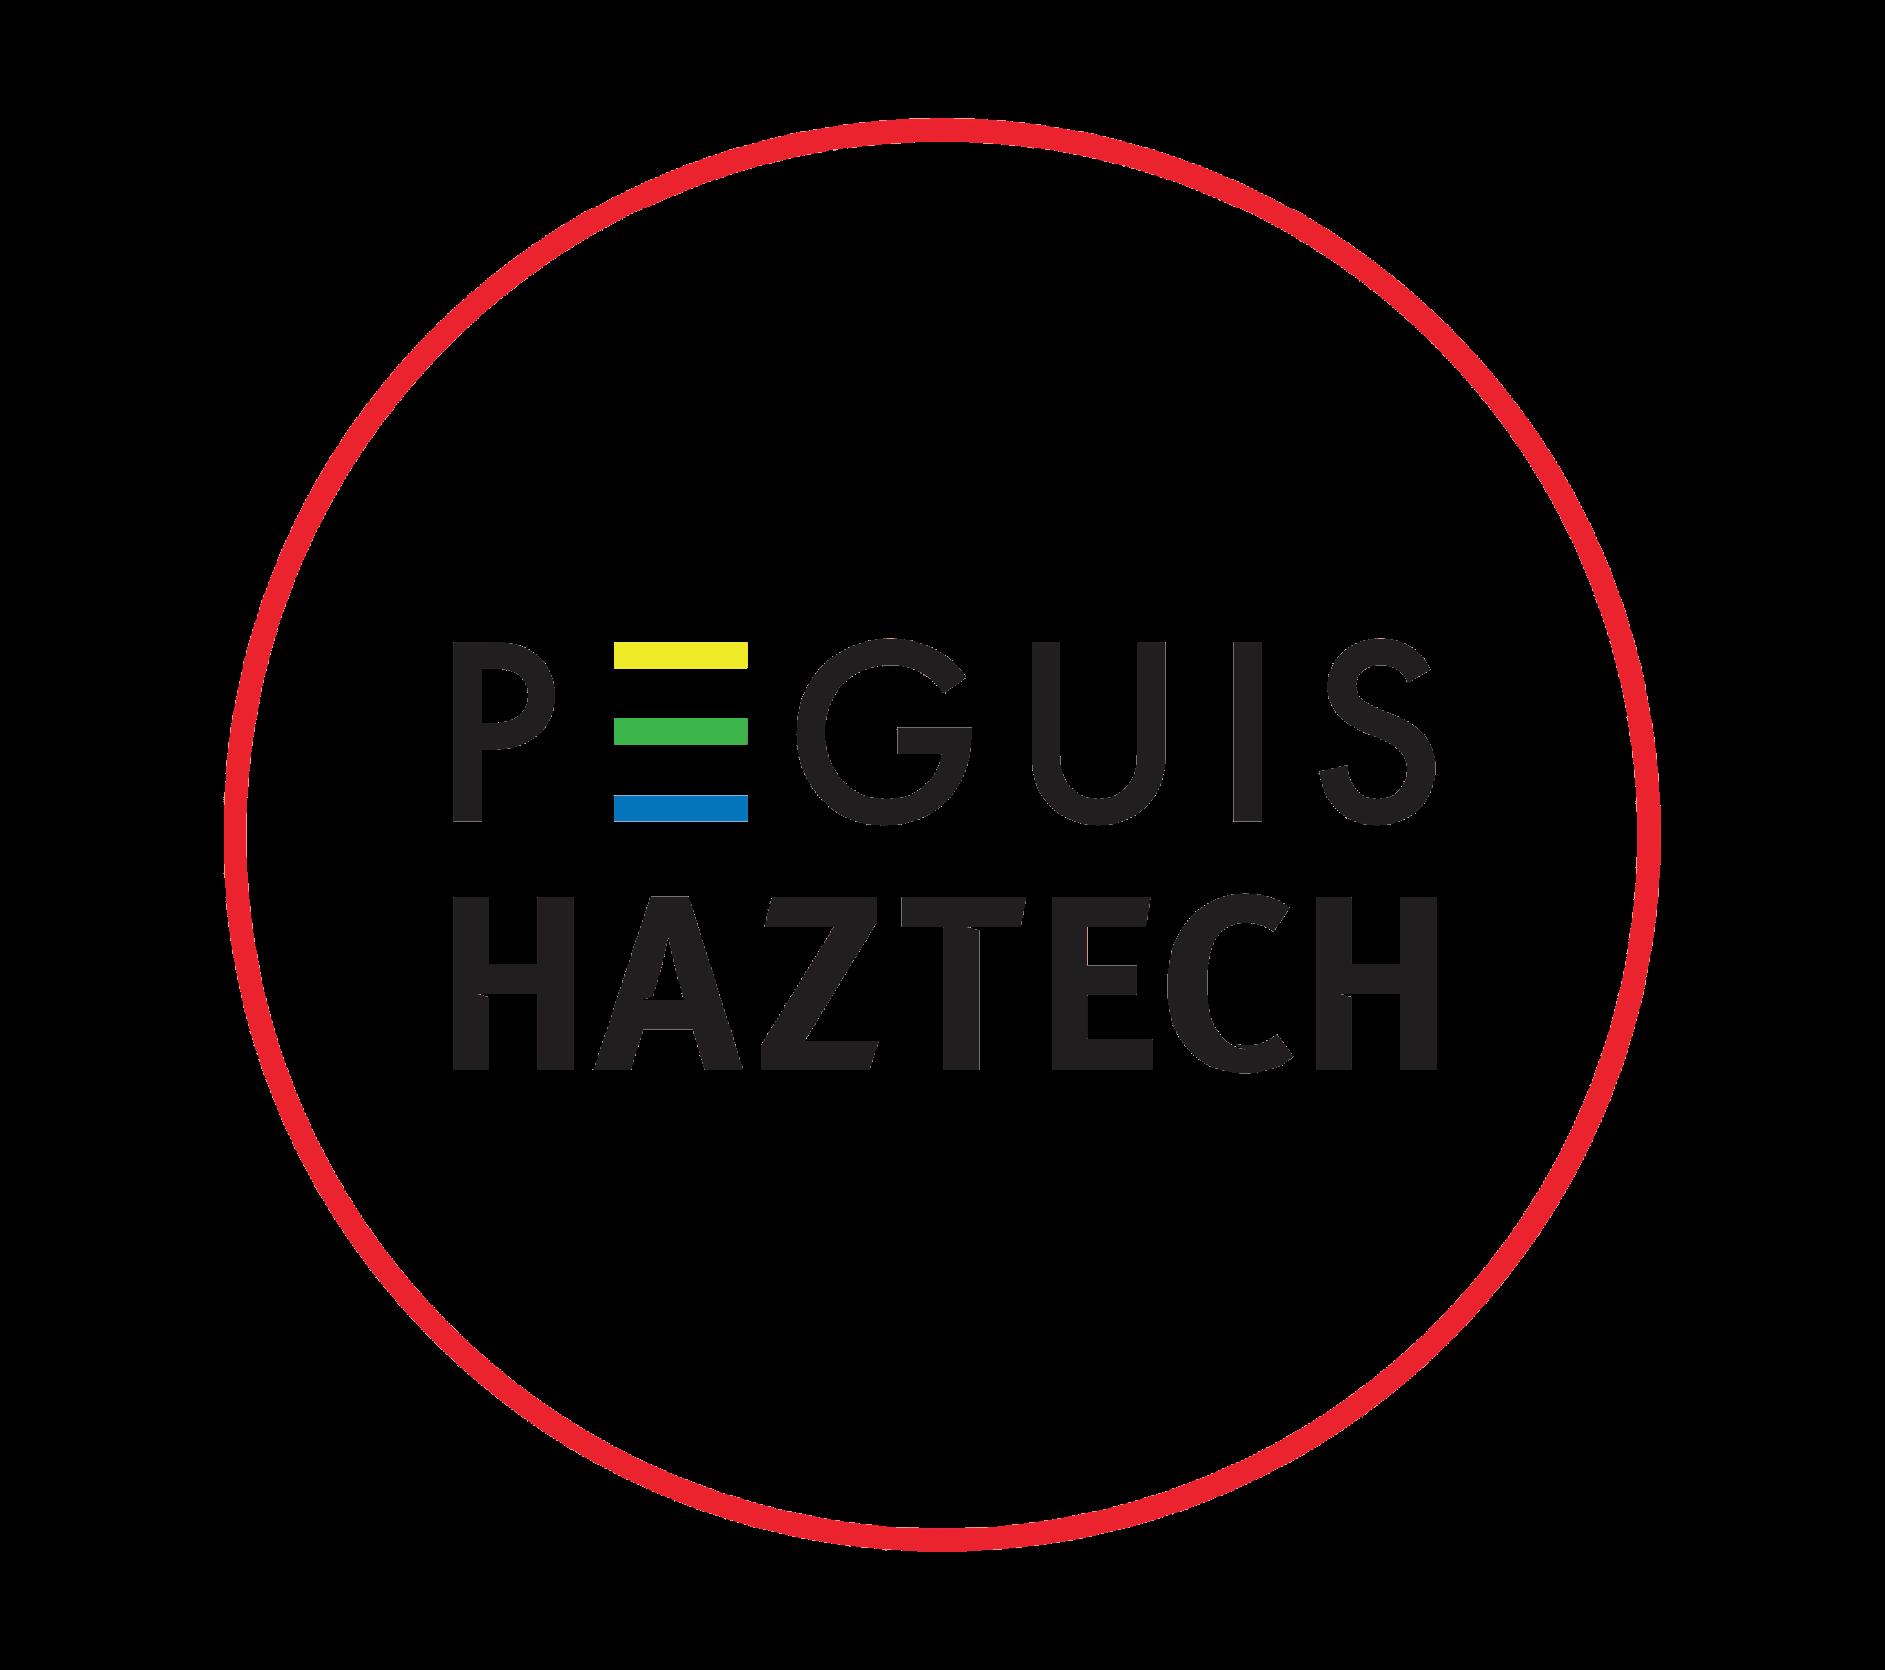 Peguis Haztech_Indigenous Companies